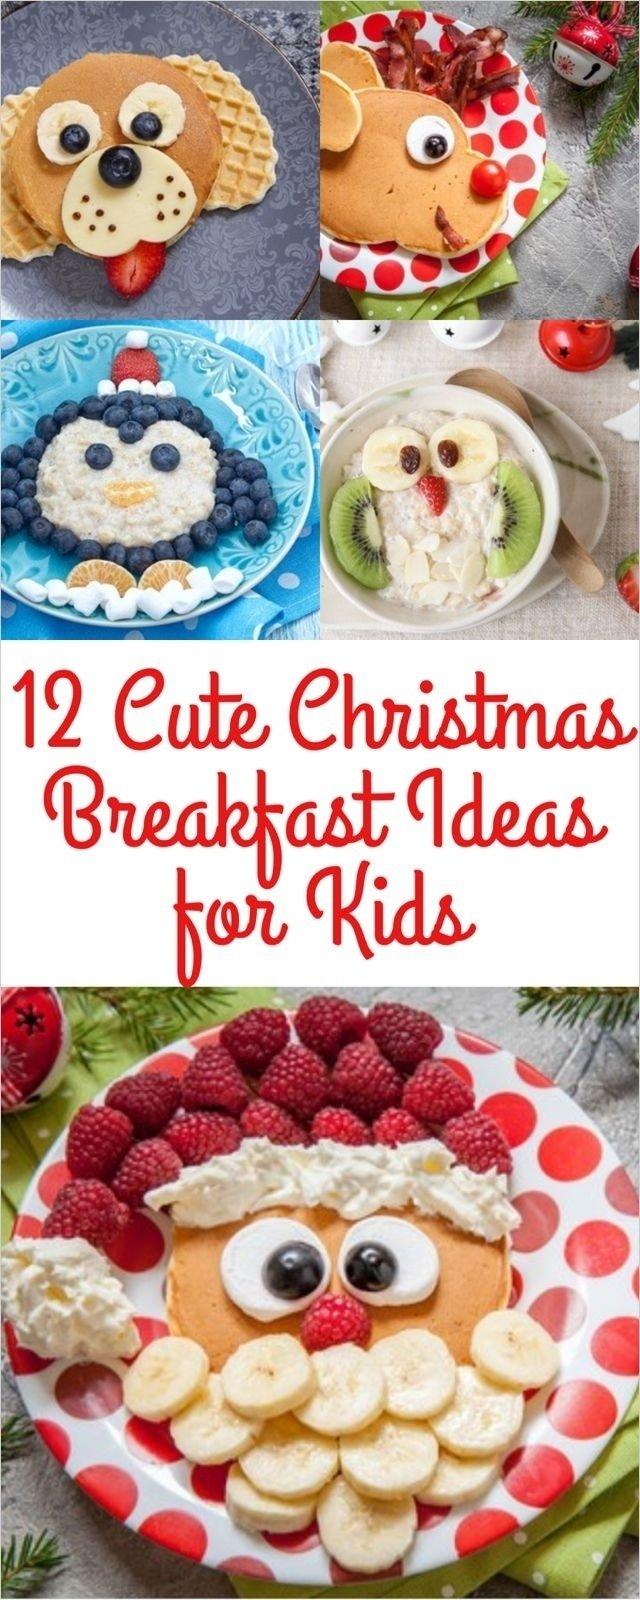 10 Trendy Good Breakfast Ideas For Kids breakfast menu ideas for kids resume corner 2021